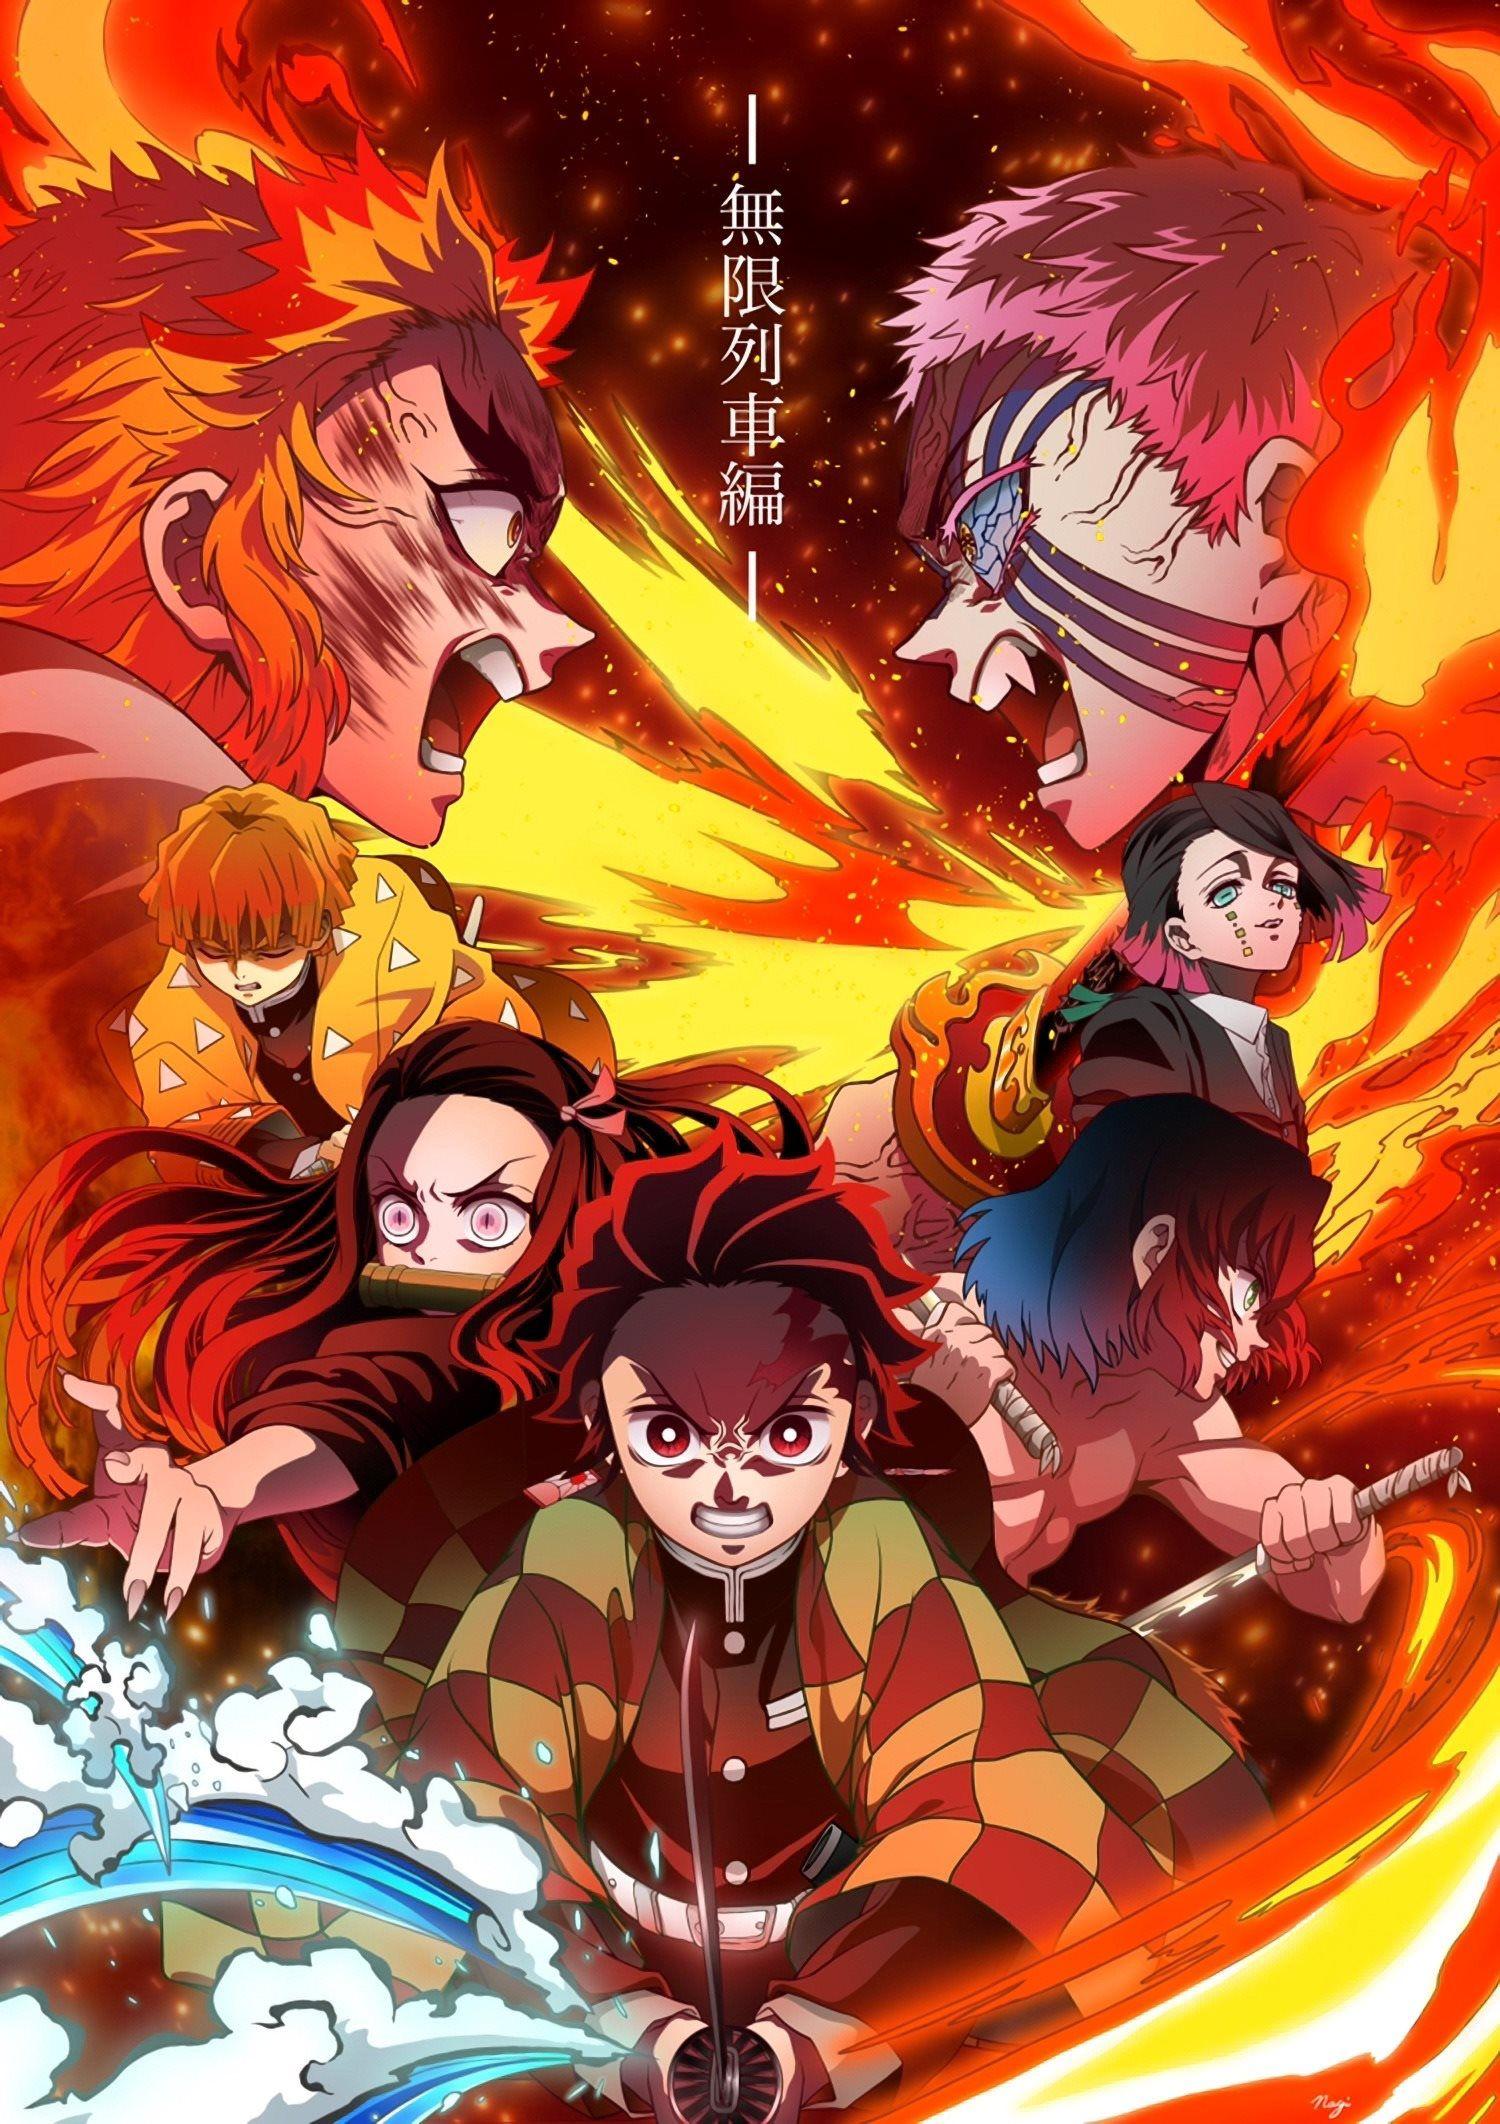 Kimetsu No Yaiba Wallpaper Infinity Train Movie Demon Slayer Wallpaper Infinity Train Movie Anime Demon Slayer Anime